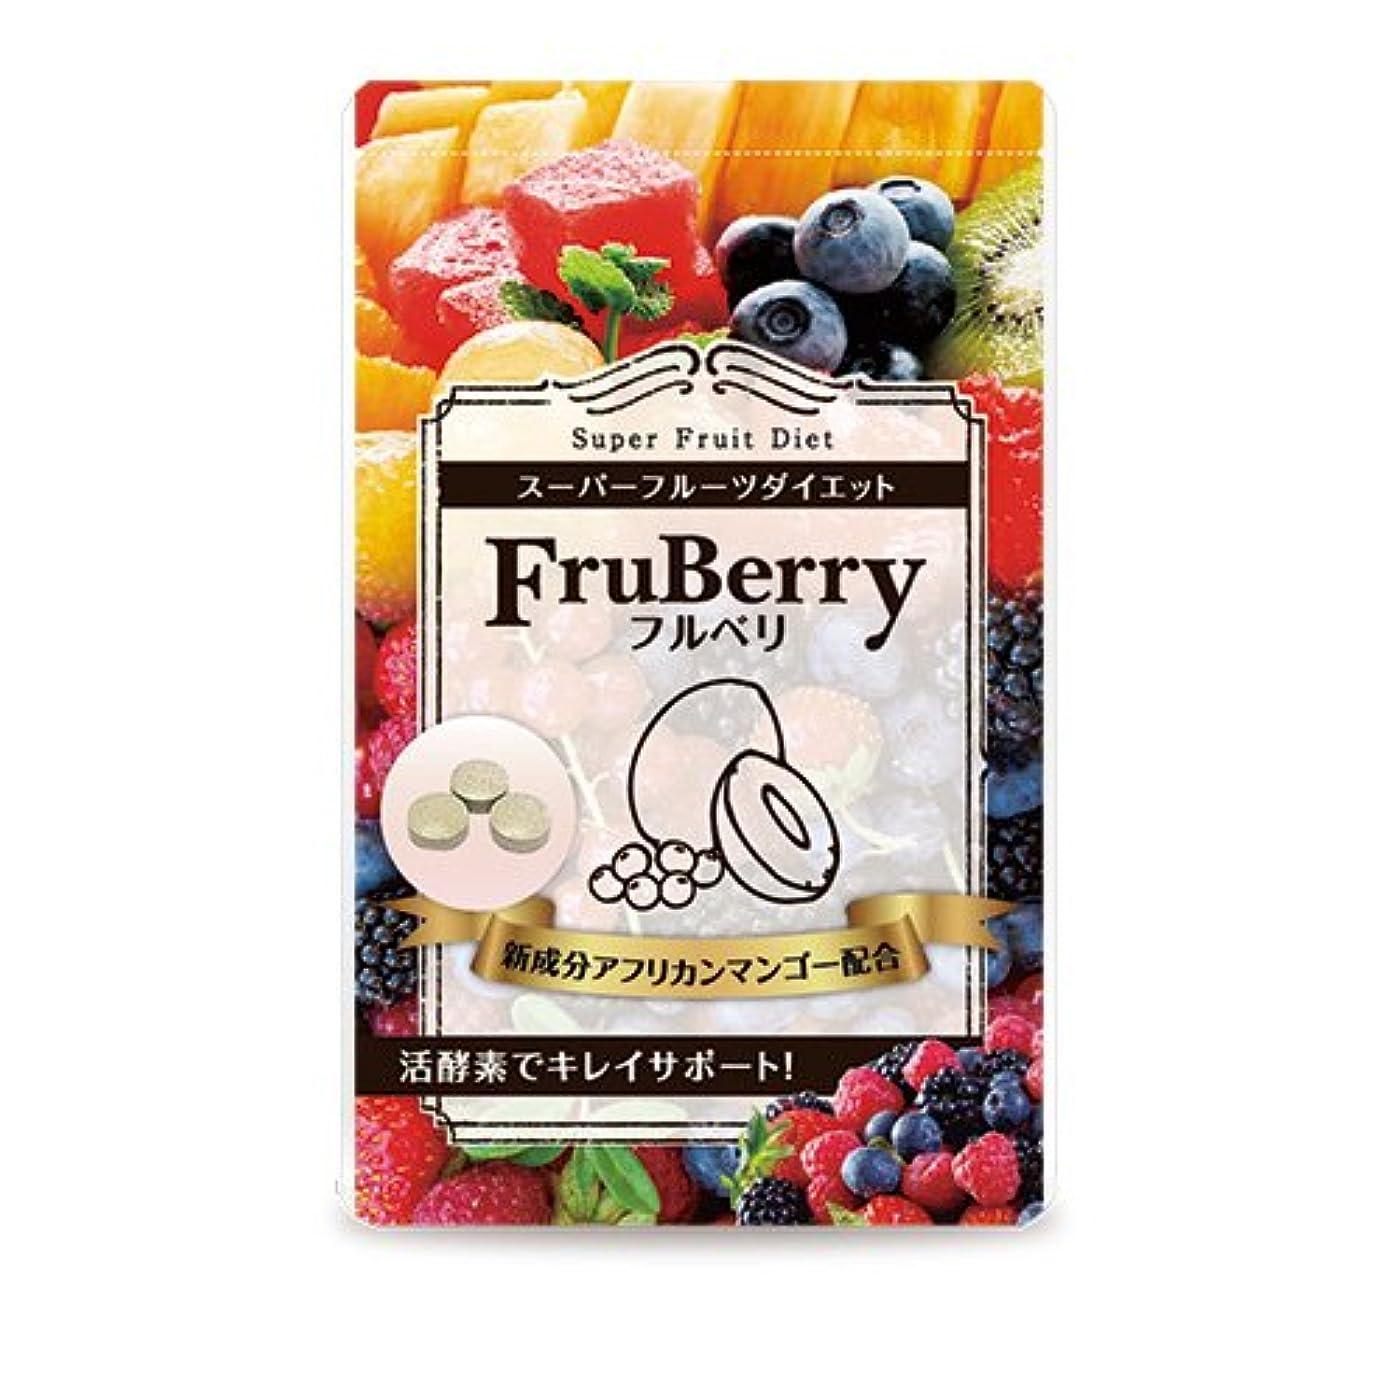 シェフログ足フルベリ 5袋セット 約150日分 FruBerry アフリカンマンゴー ベリー類 乳酸菌のサプリ